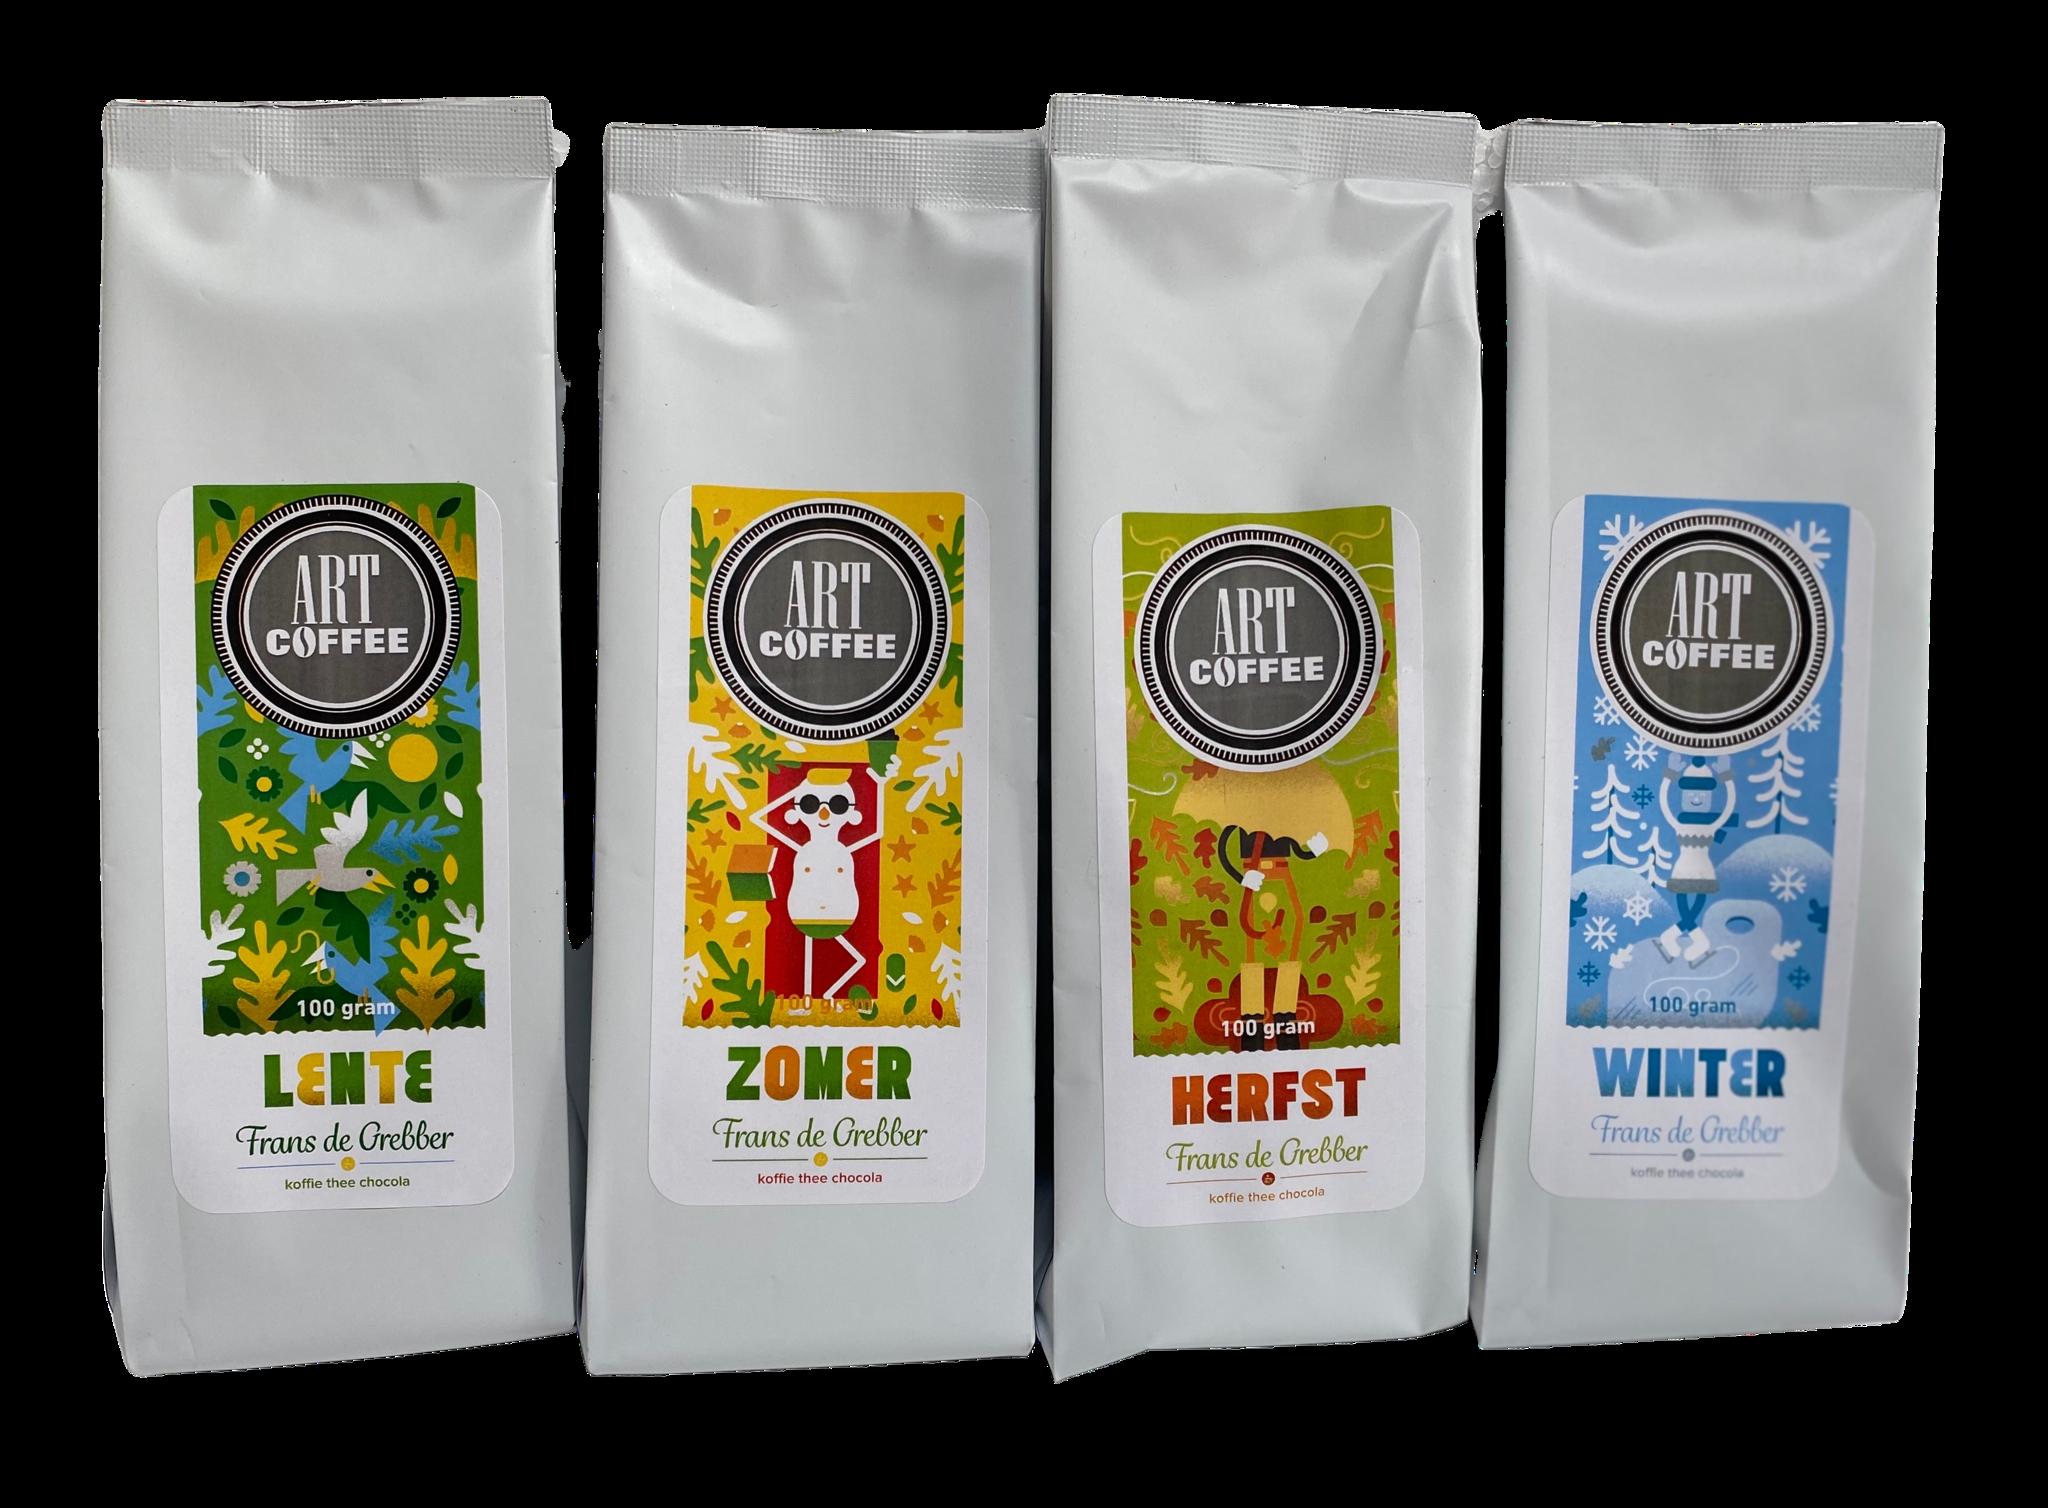 ARTcoffee Vier seizoenen koffie